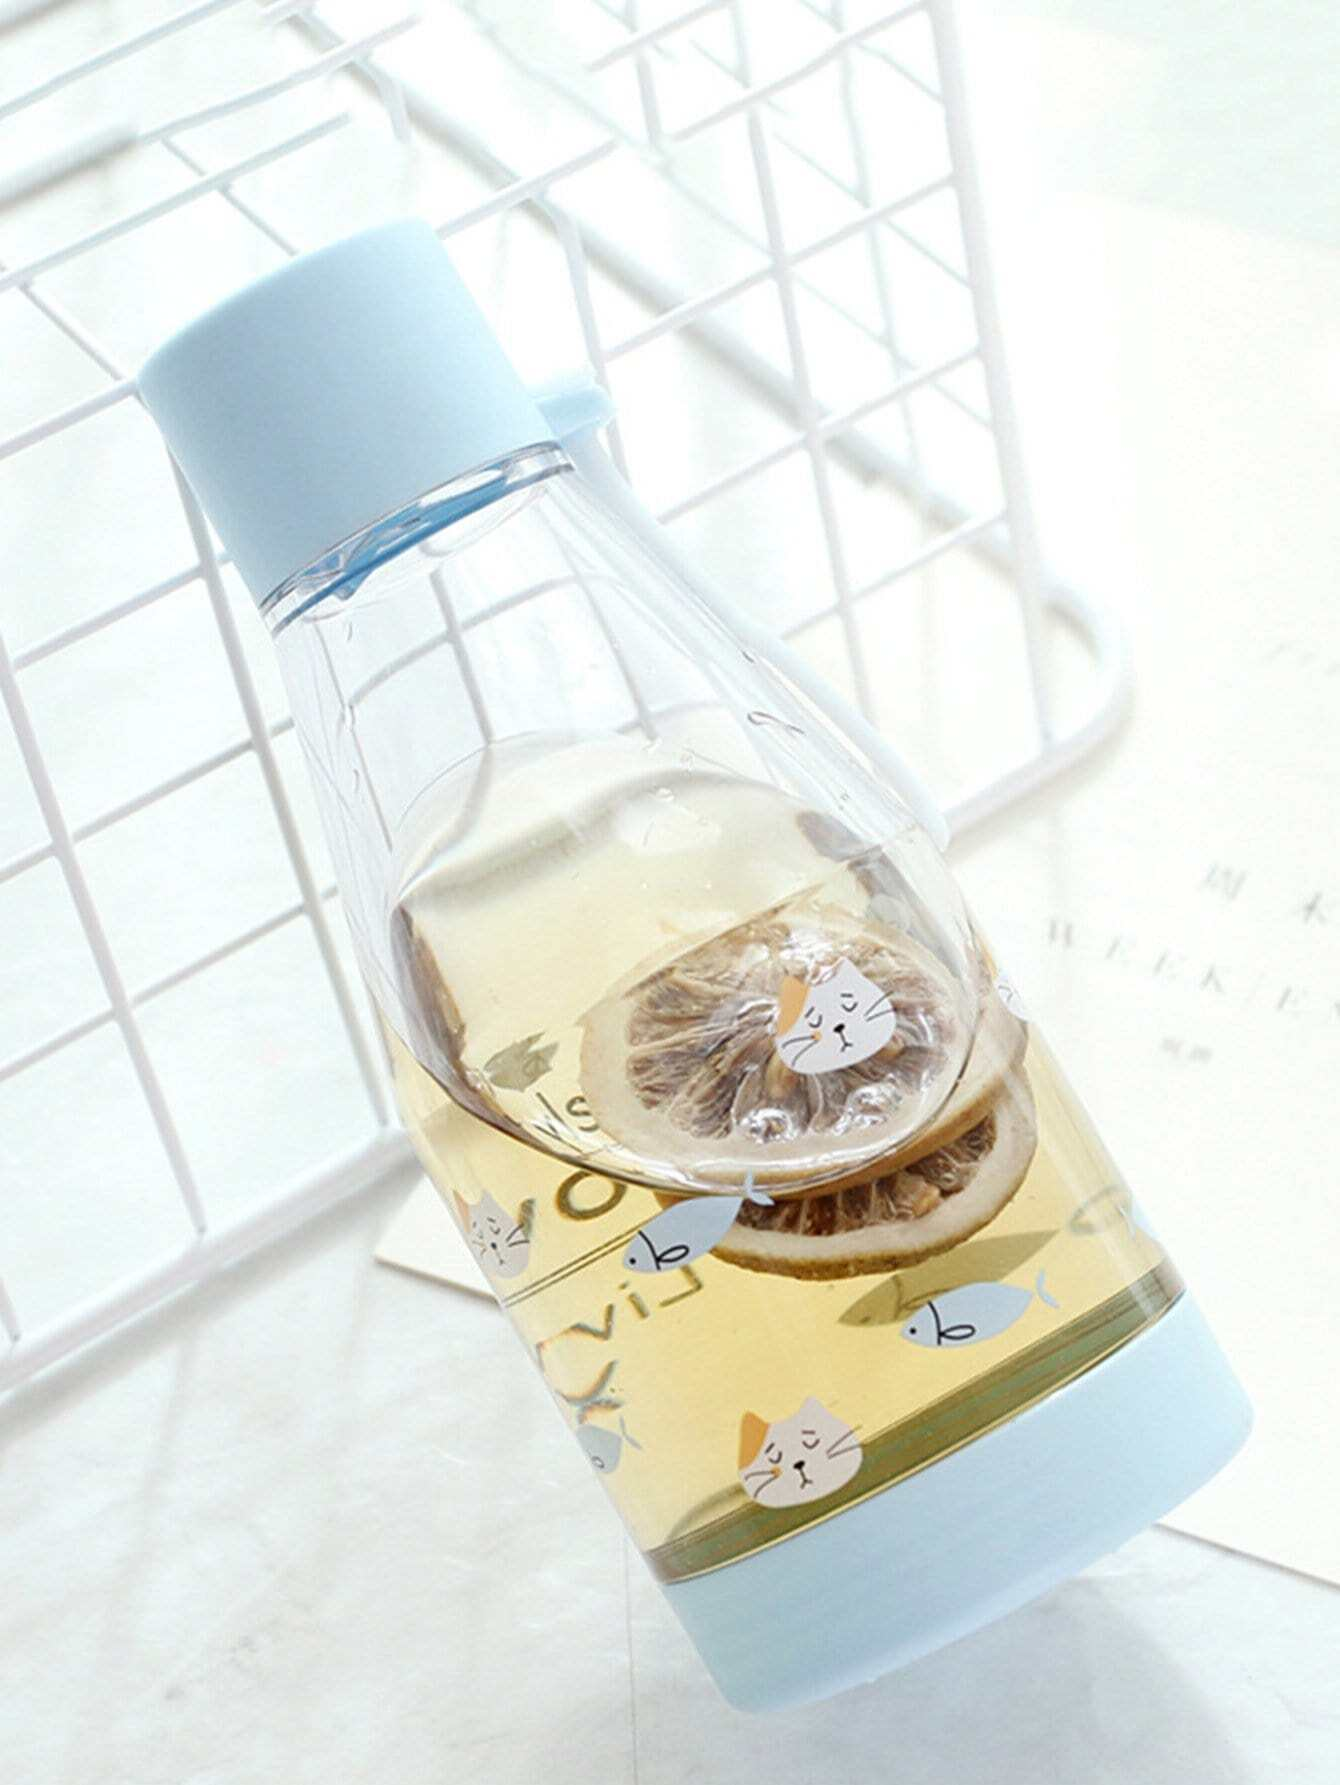 Clear Water Bottle 350ml With Wristlet usb hygrogen rich water bottle fast electrolysis hydrogen generator ionizer cup alkaline water maker 350ml super antioxidants